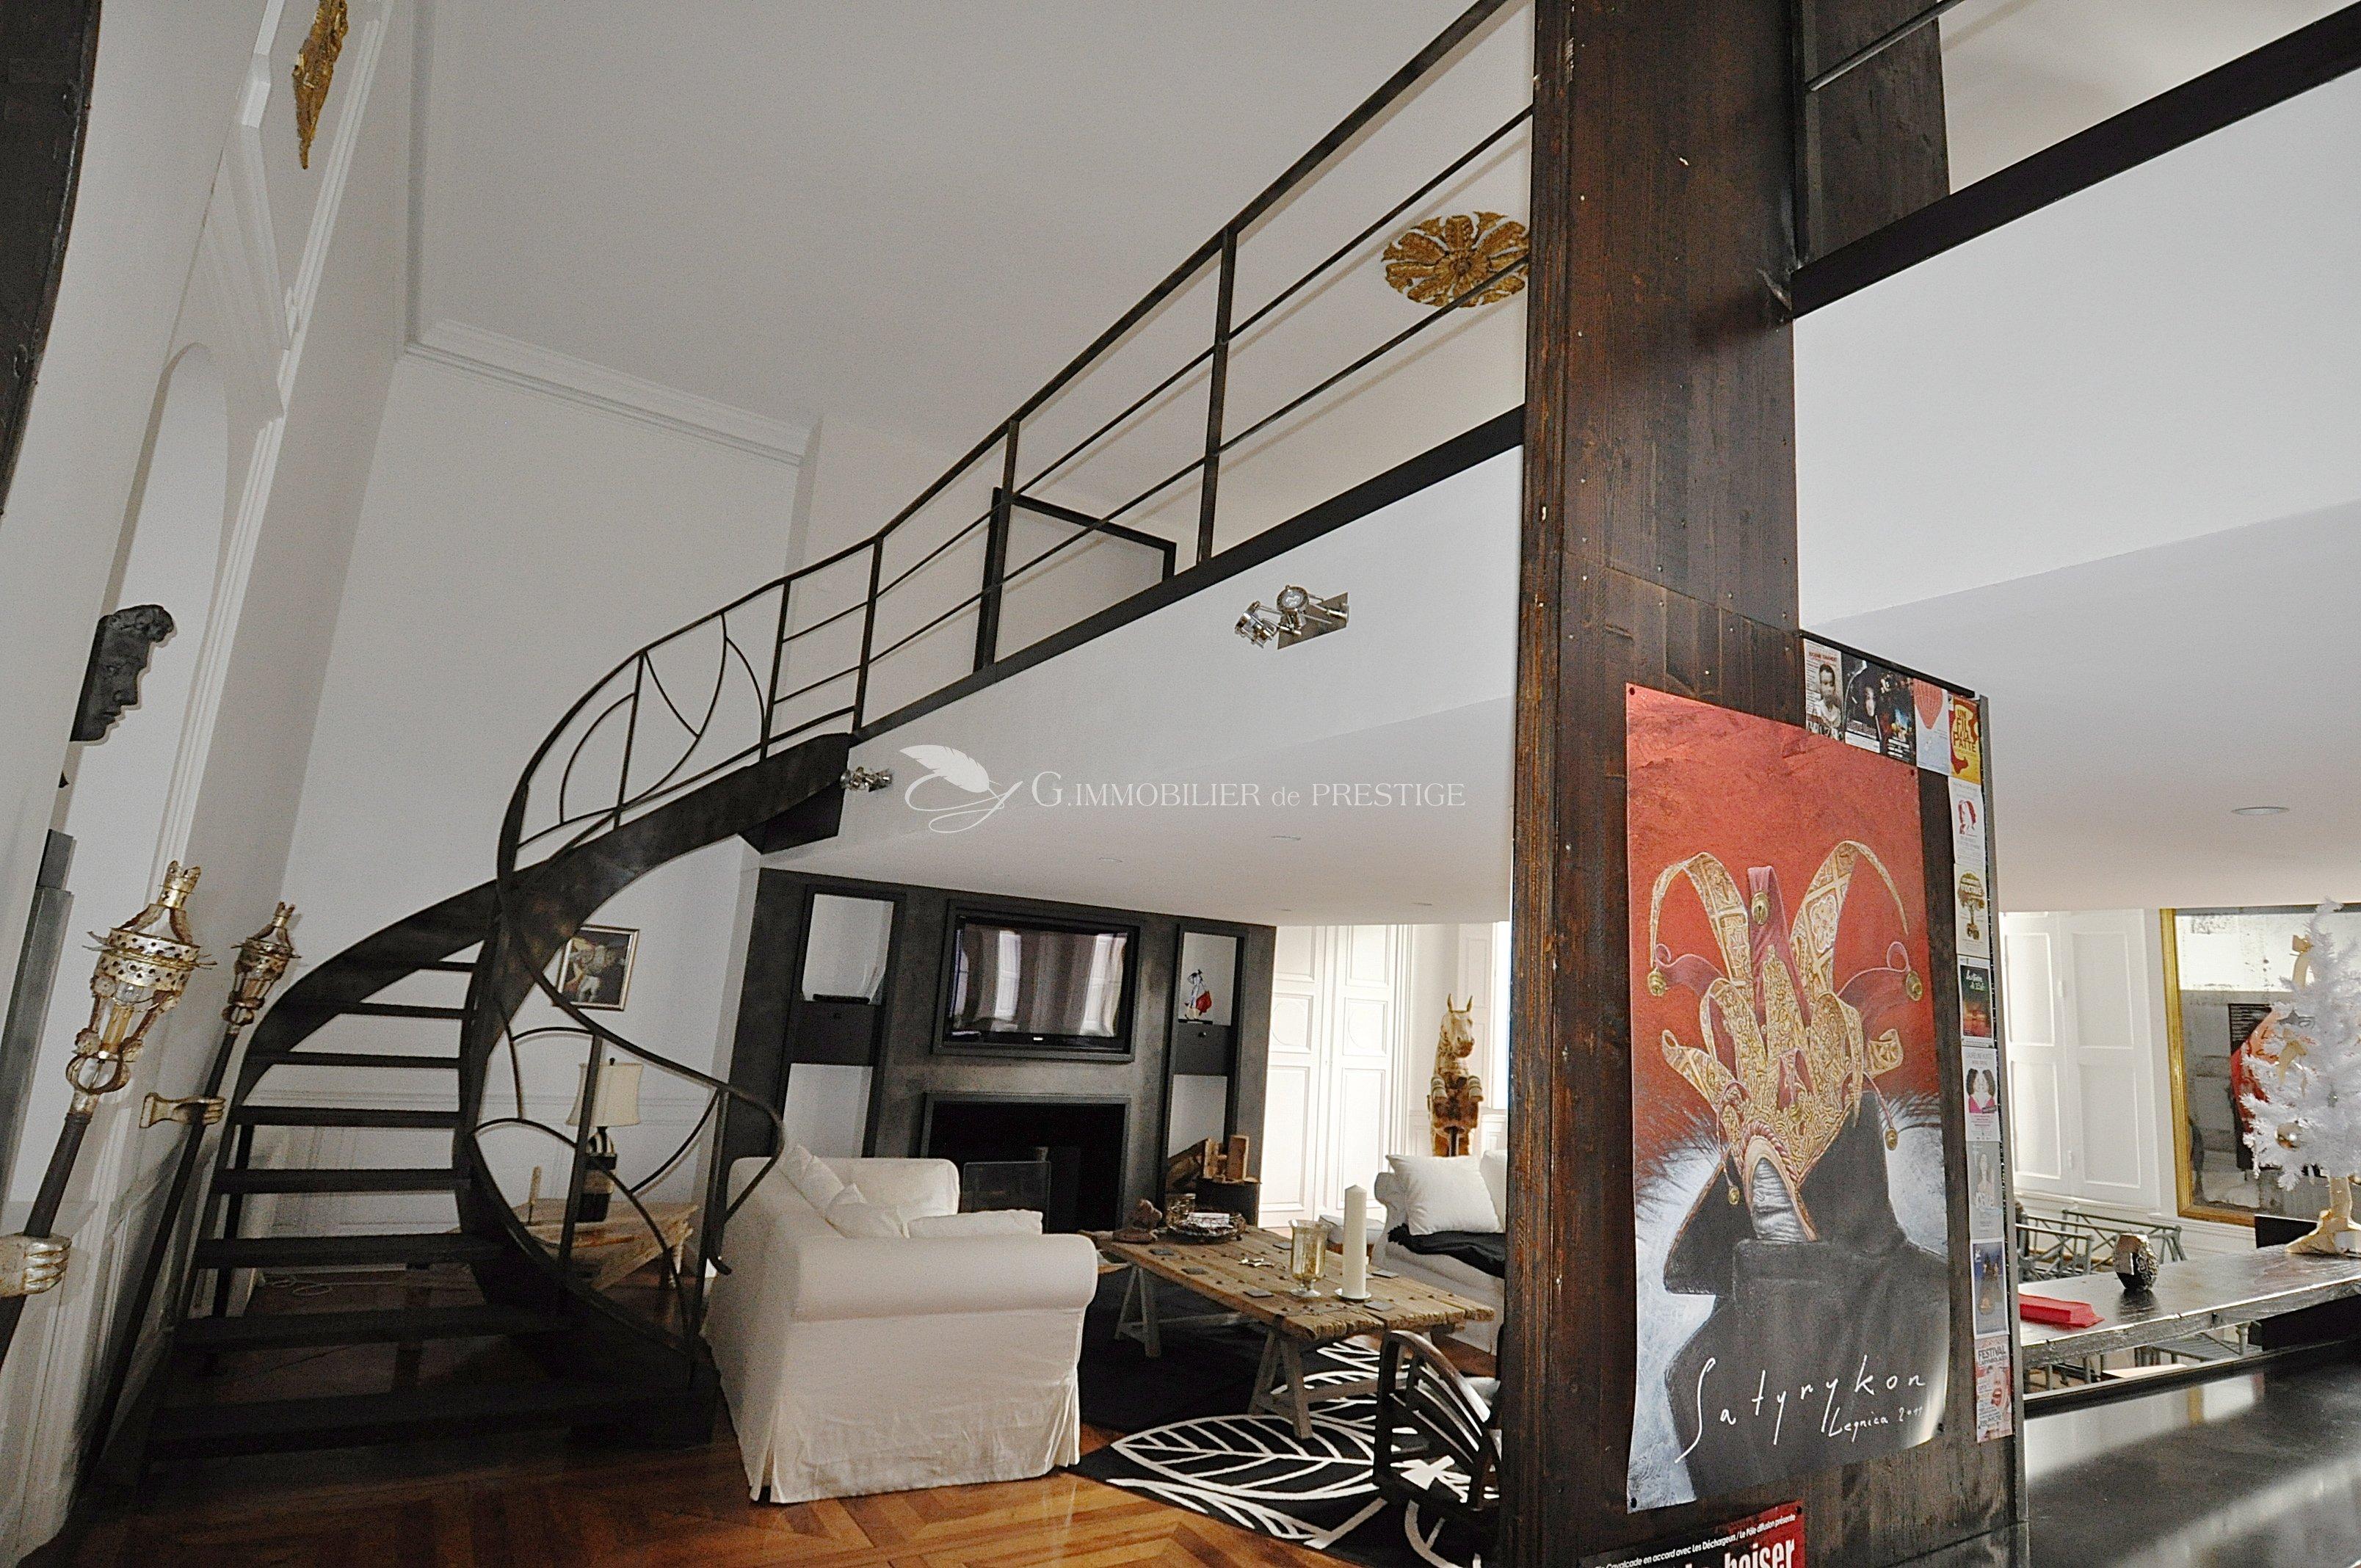 immobilier prestige vaucluse avignon h tel particulier avec loft et appartement ind pendants. Black Bedroom Furniture Sets. Home Design Ideas